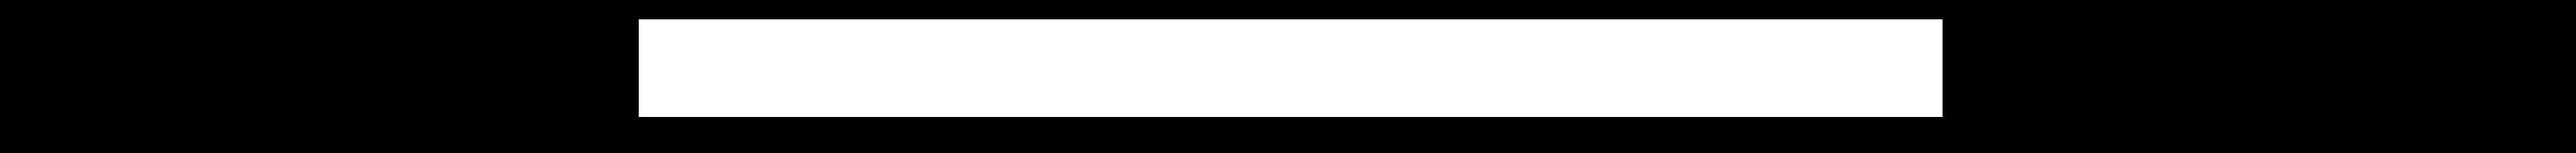 Wordmark White Online-3